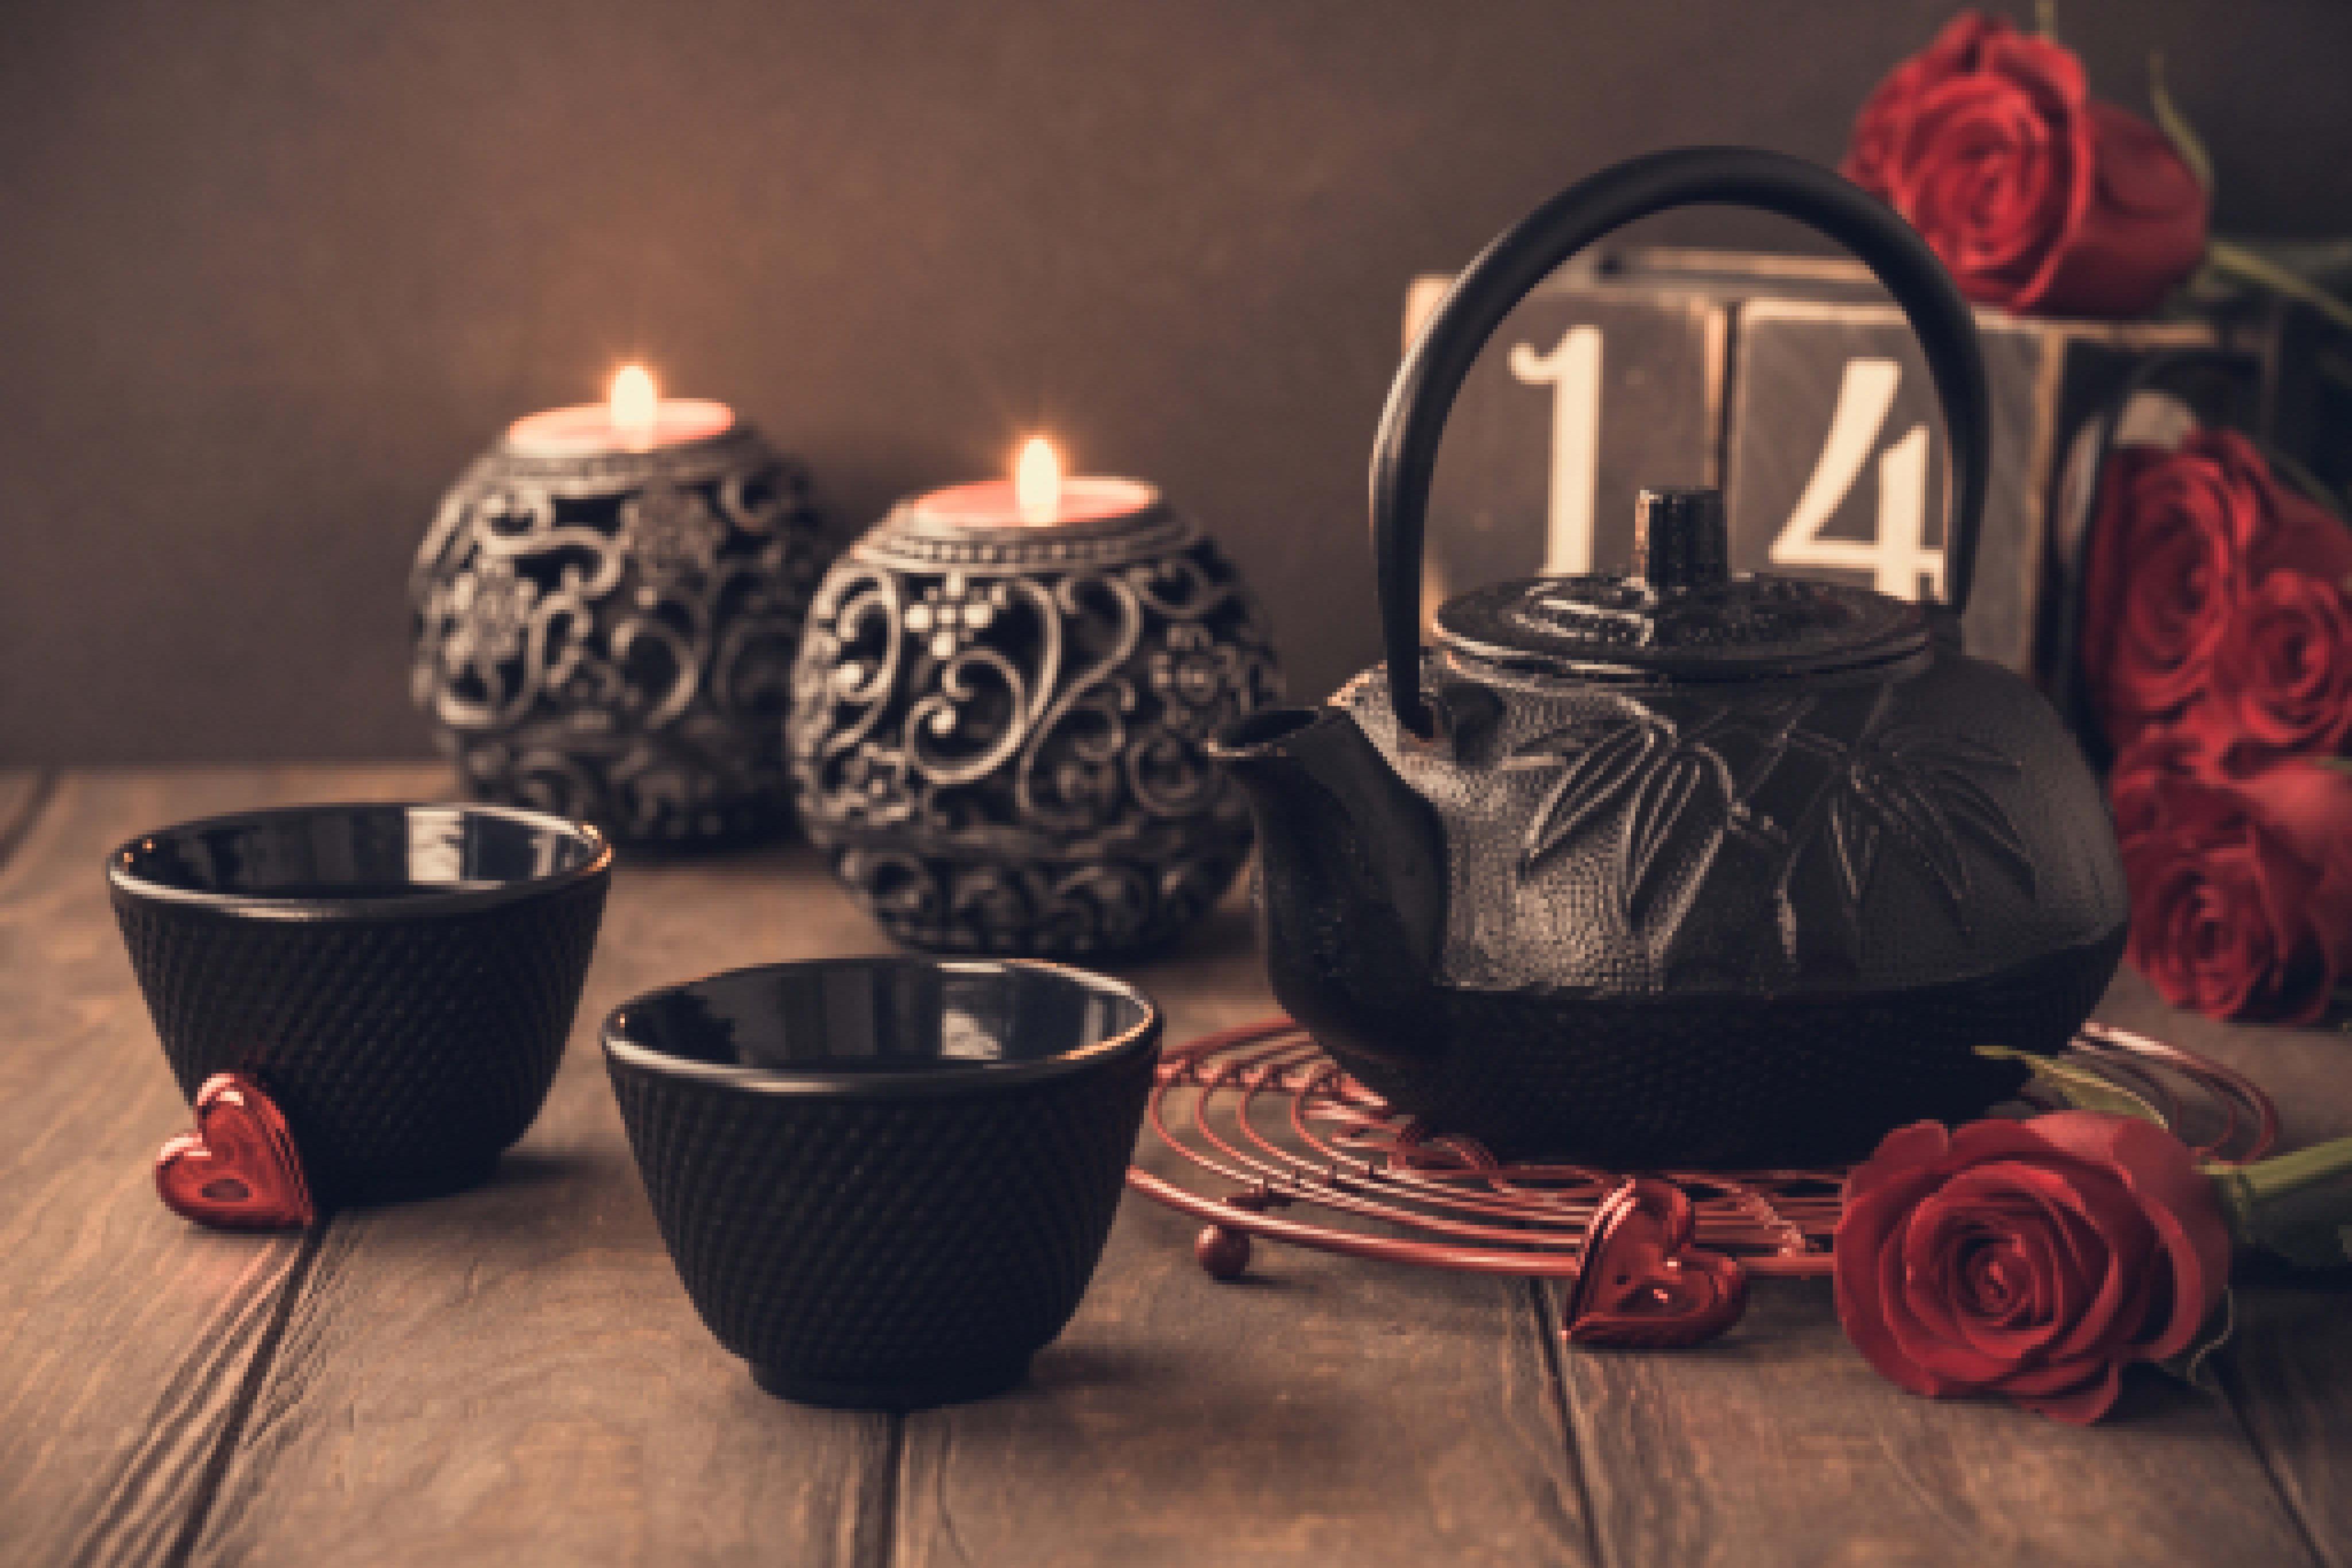 Idées cadeaux pour fêter la Saint-Valentin 2021